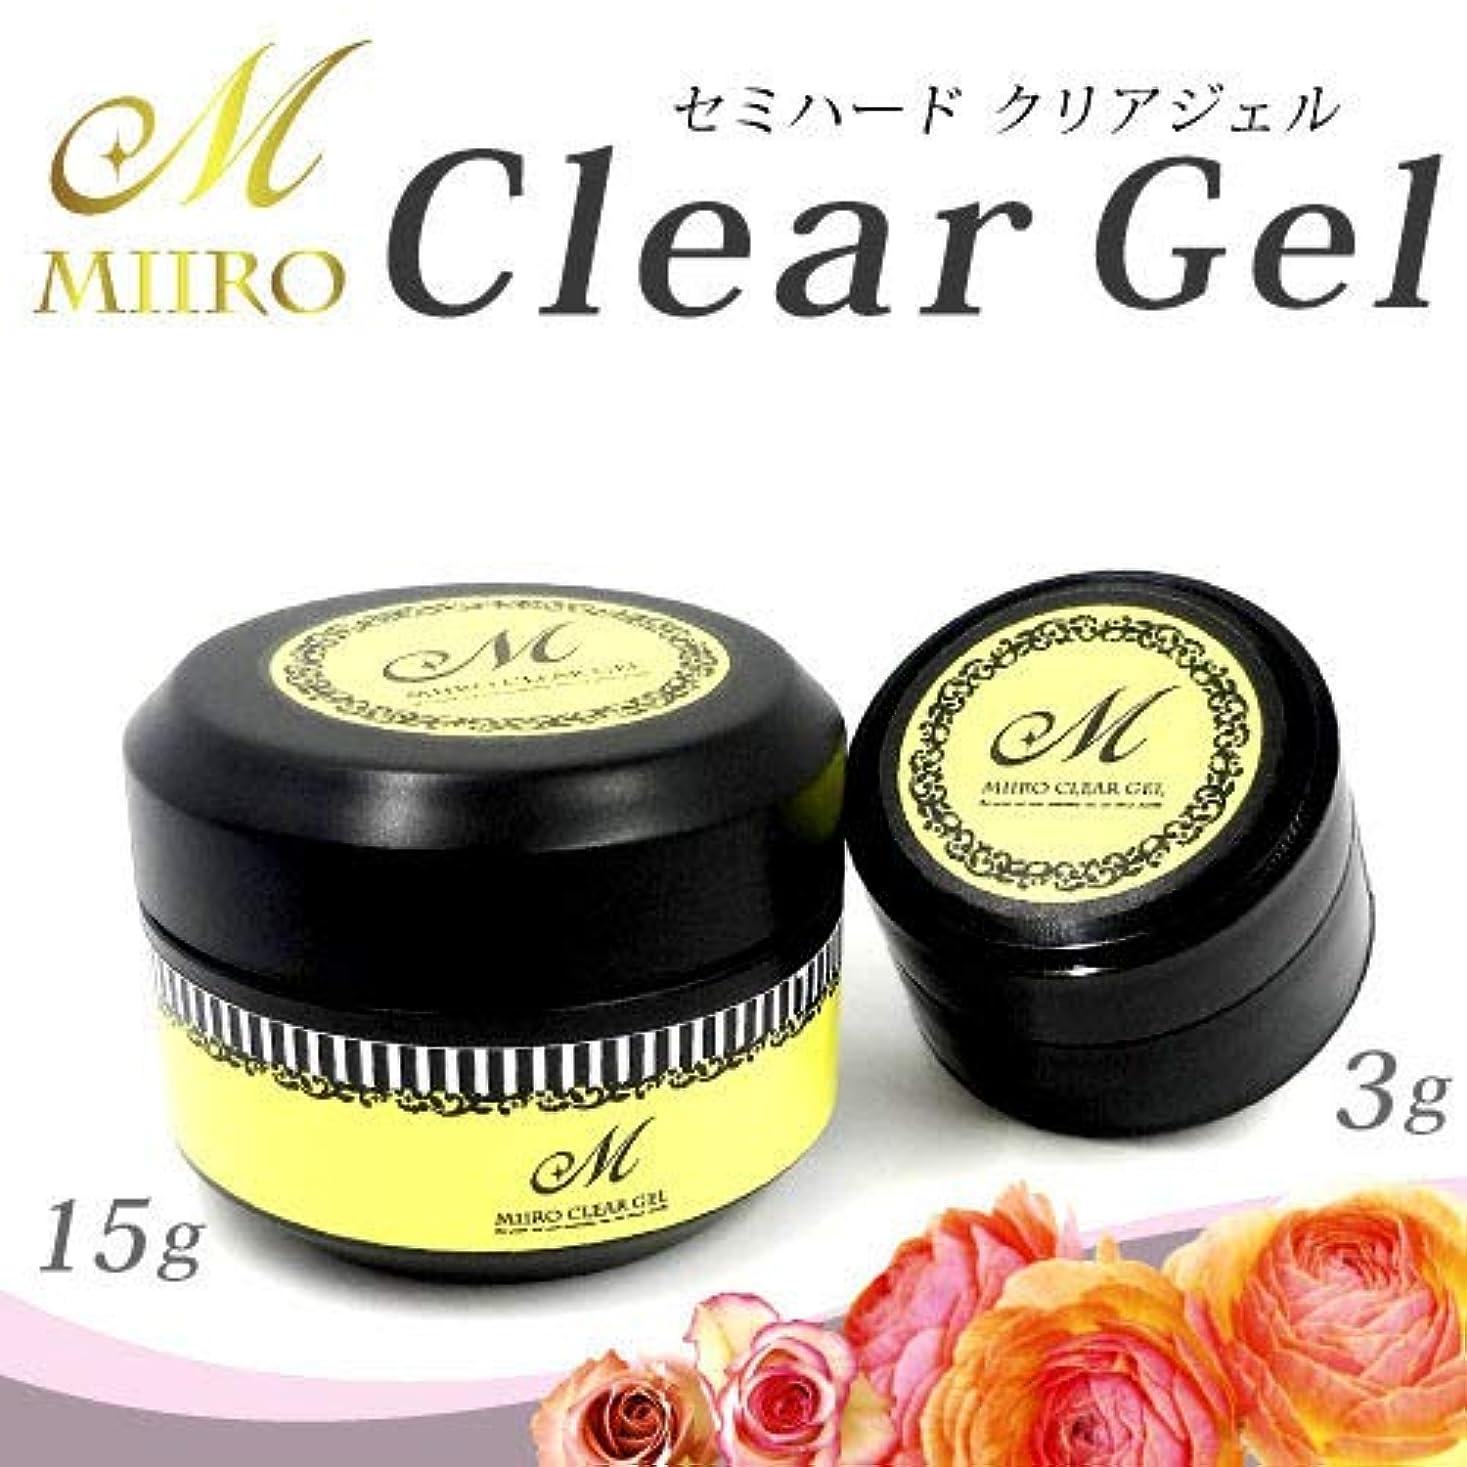 副産物大事にする穏やかなセミハードクリアジェル 美色 Miiro(15g)UV&LED対応 (宅配便発送のみ)